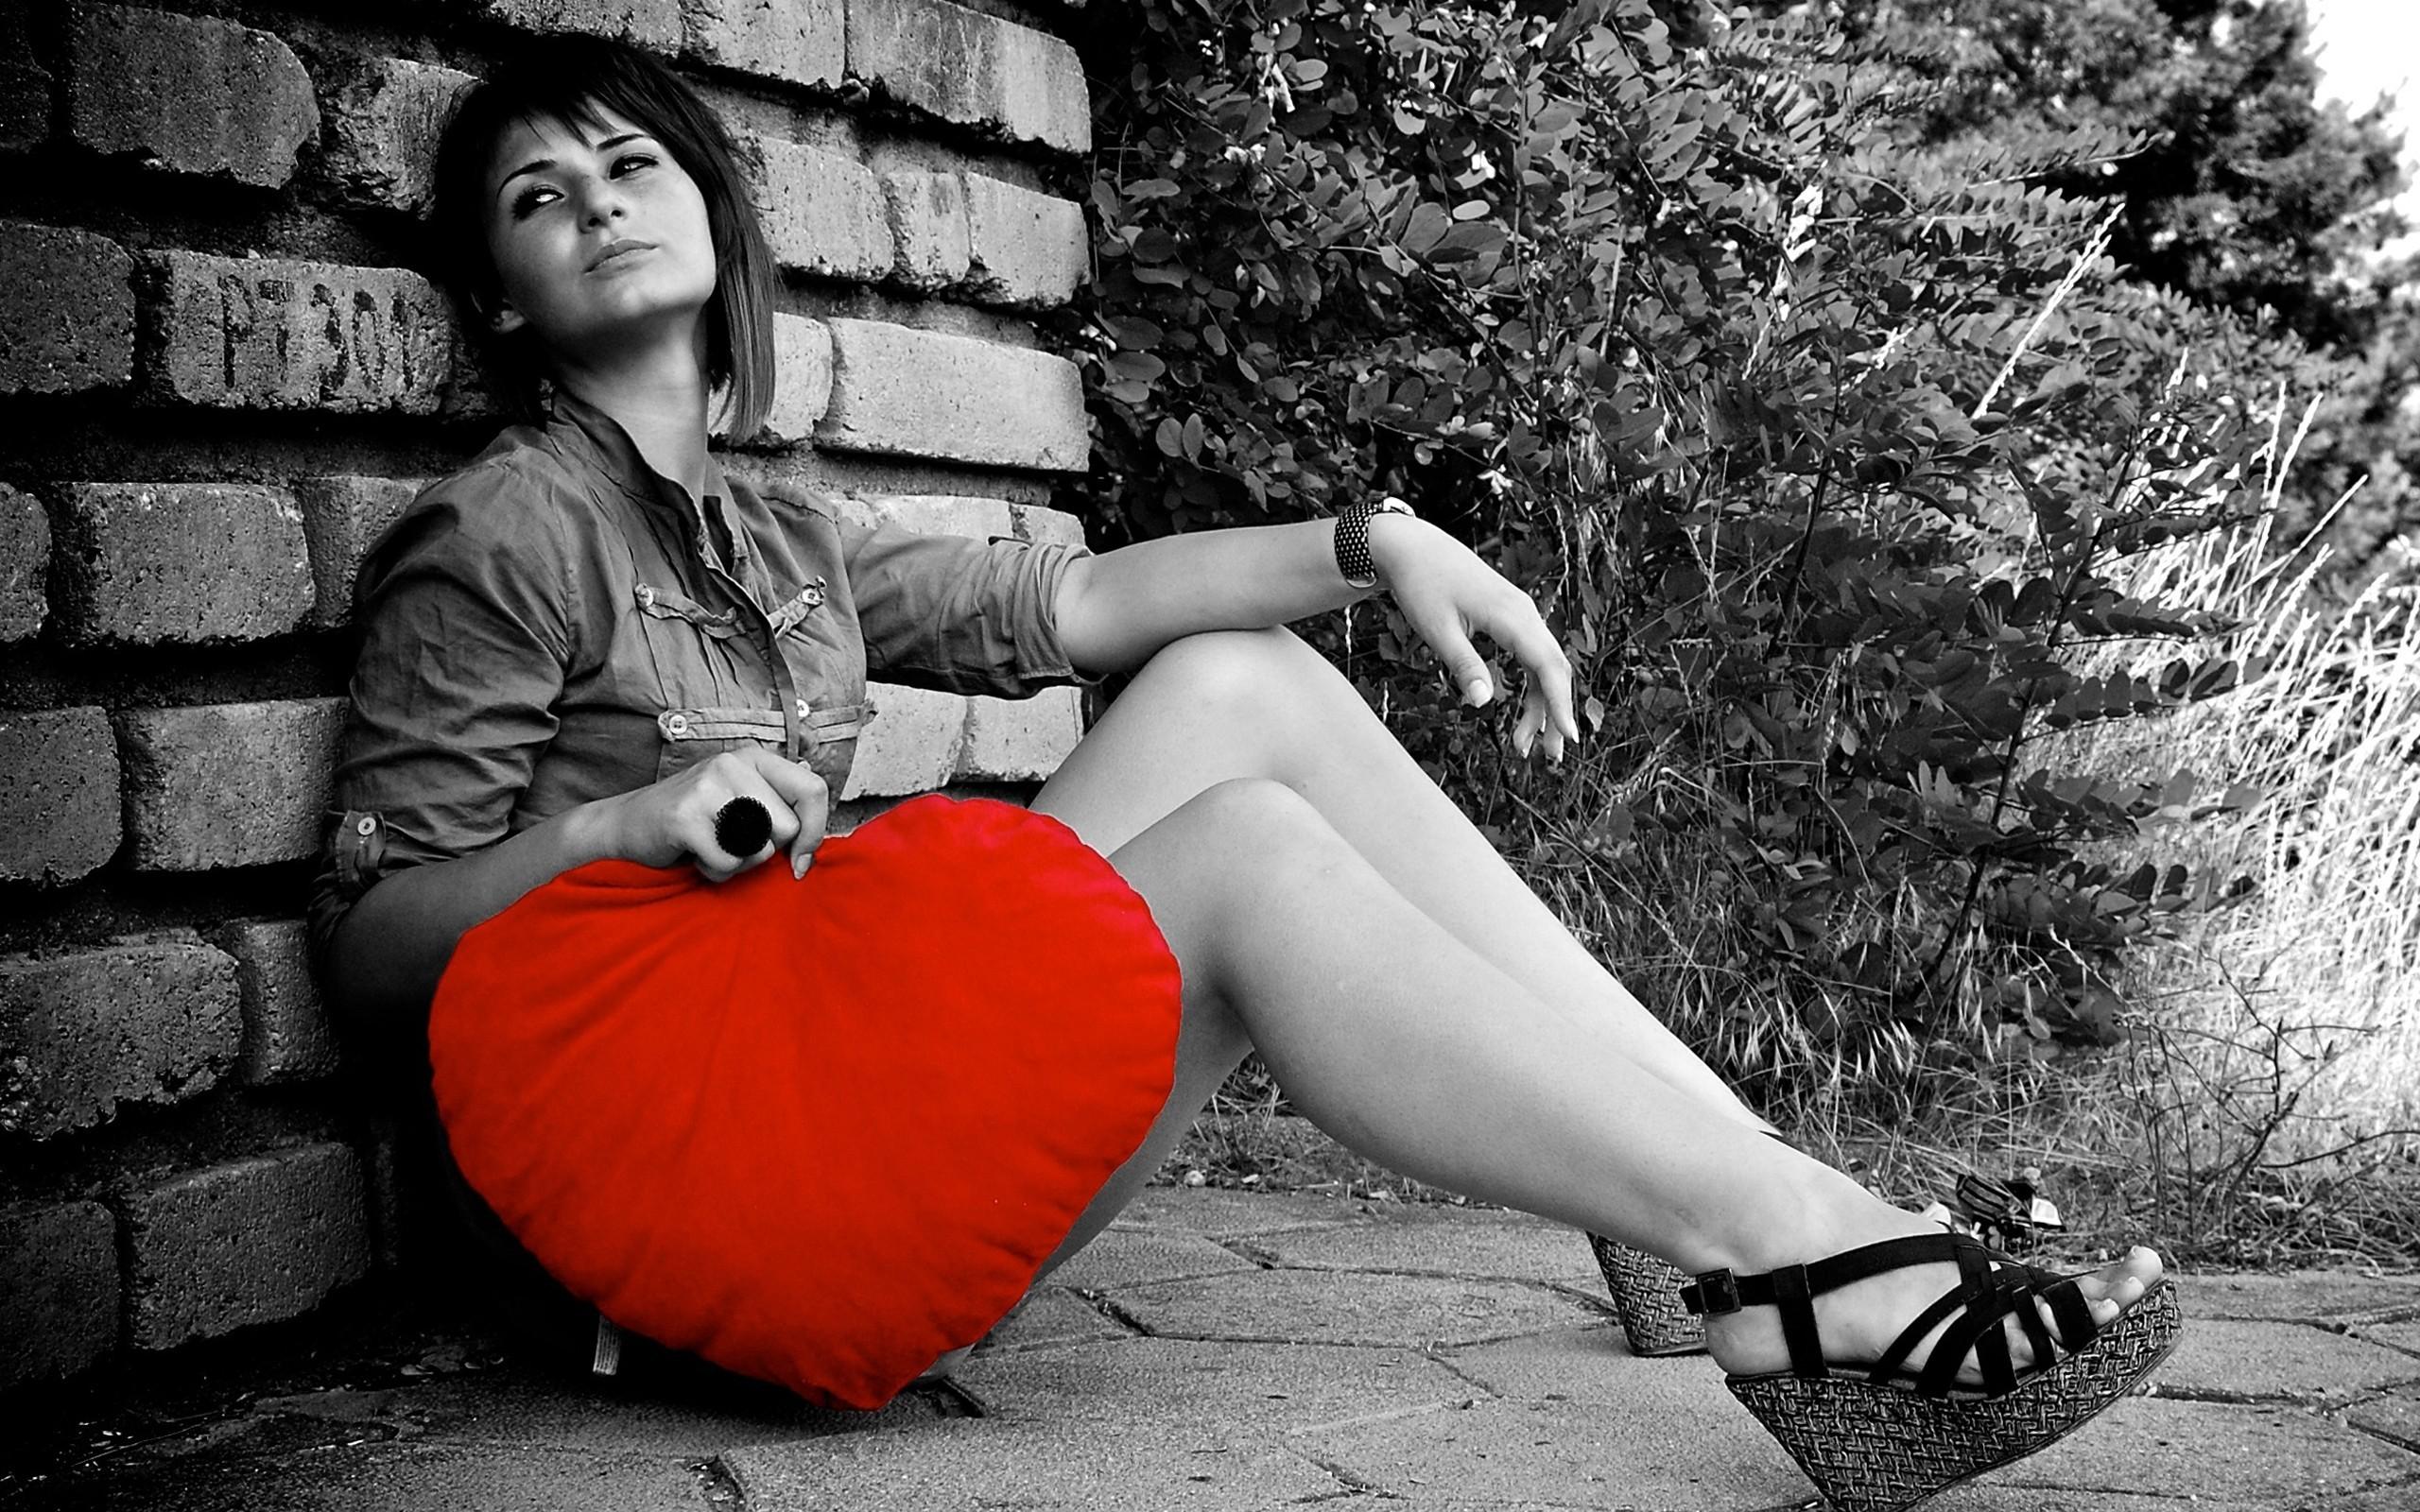 Una chica con una almohada en corazon - 2560x1600